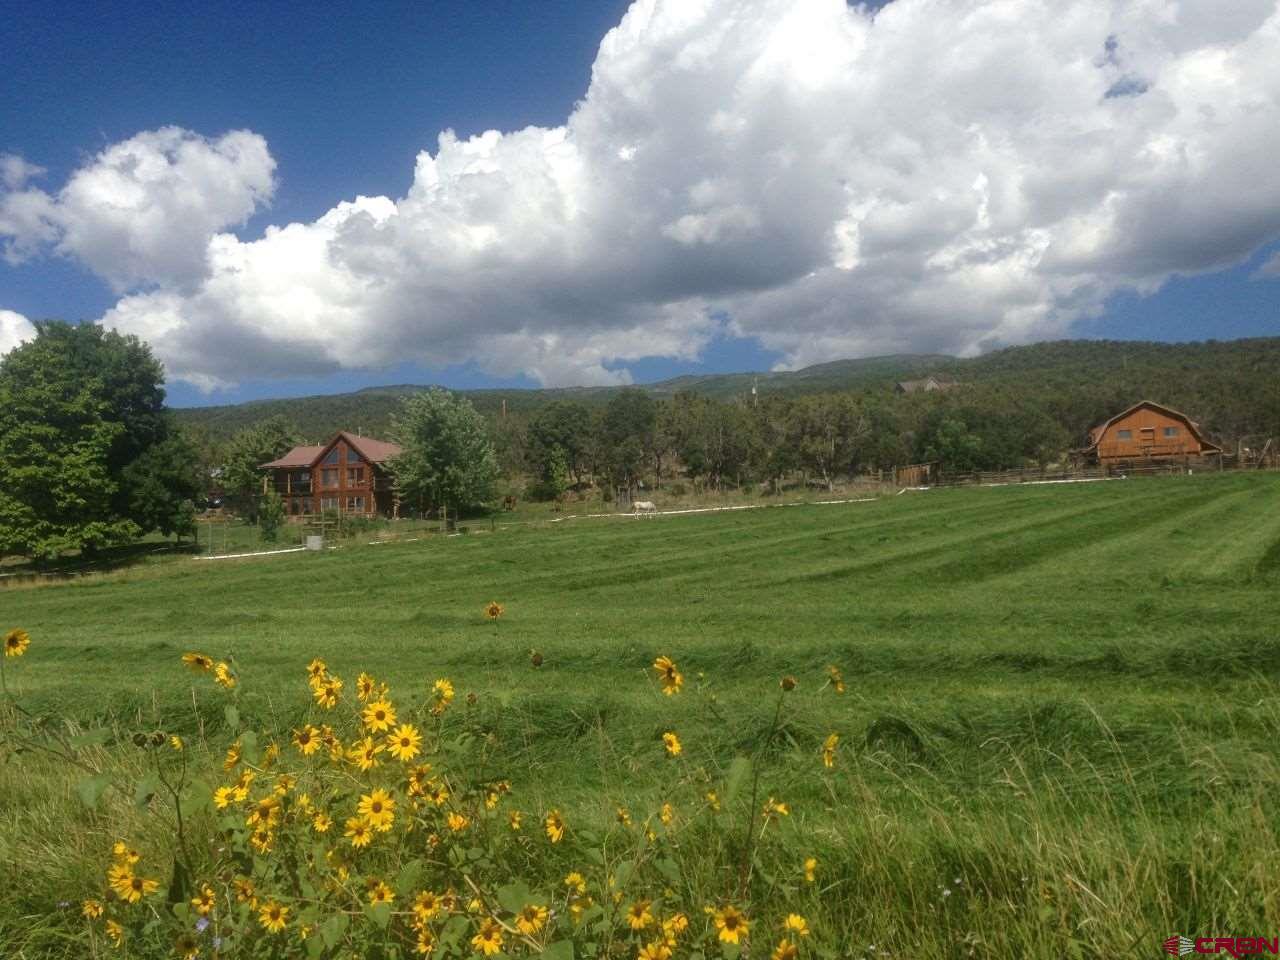 19795 High Park Road, Cedaredge, Colorado 81413, 4 Bedrooms Bedrooms, ,3 BathroomsBathrooms,Single Family,For Sale,19795 High Park Road,780562